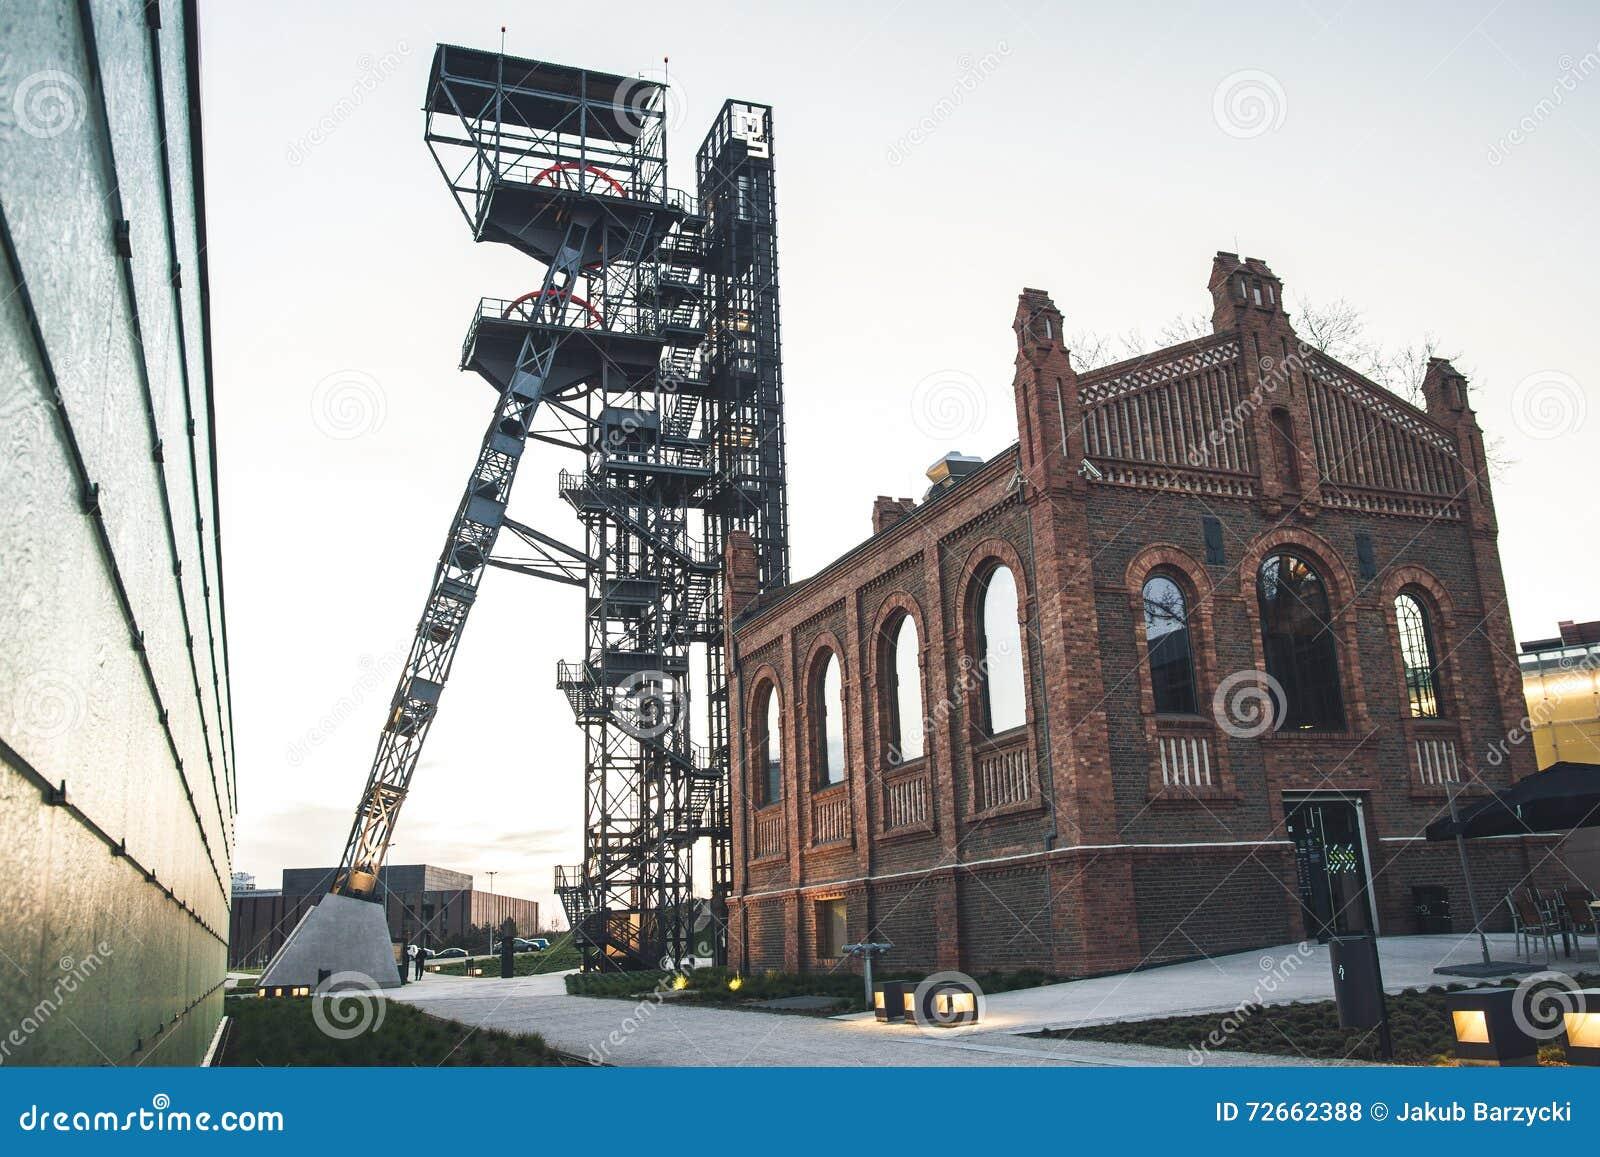 Renovated mine